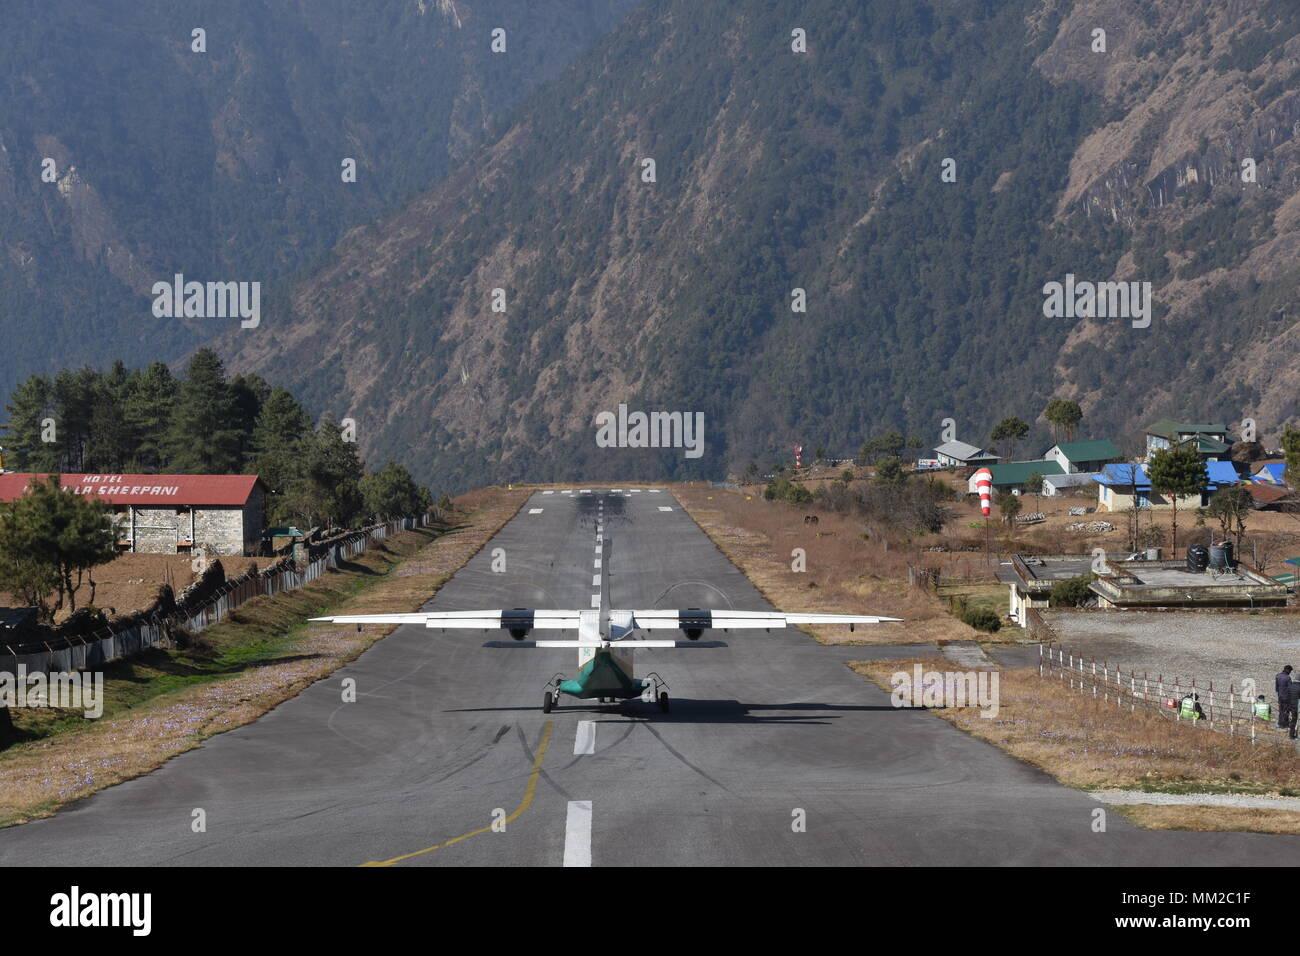 Aerei in partenza a Lukla, Aeroporto Lukla, Nepal Immagini Stock